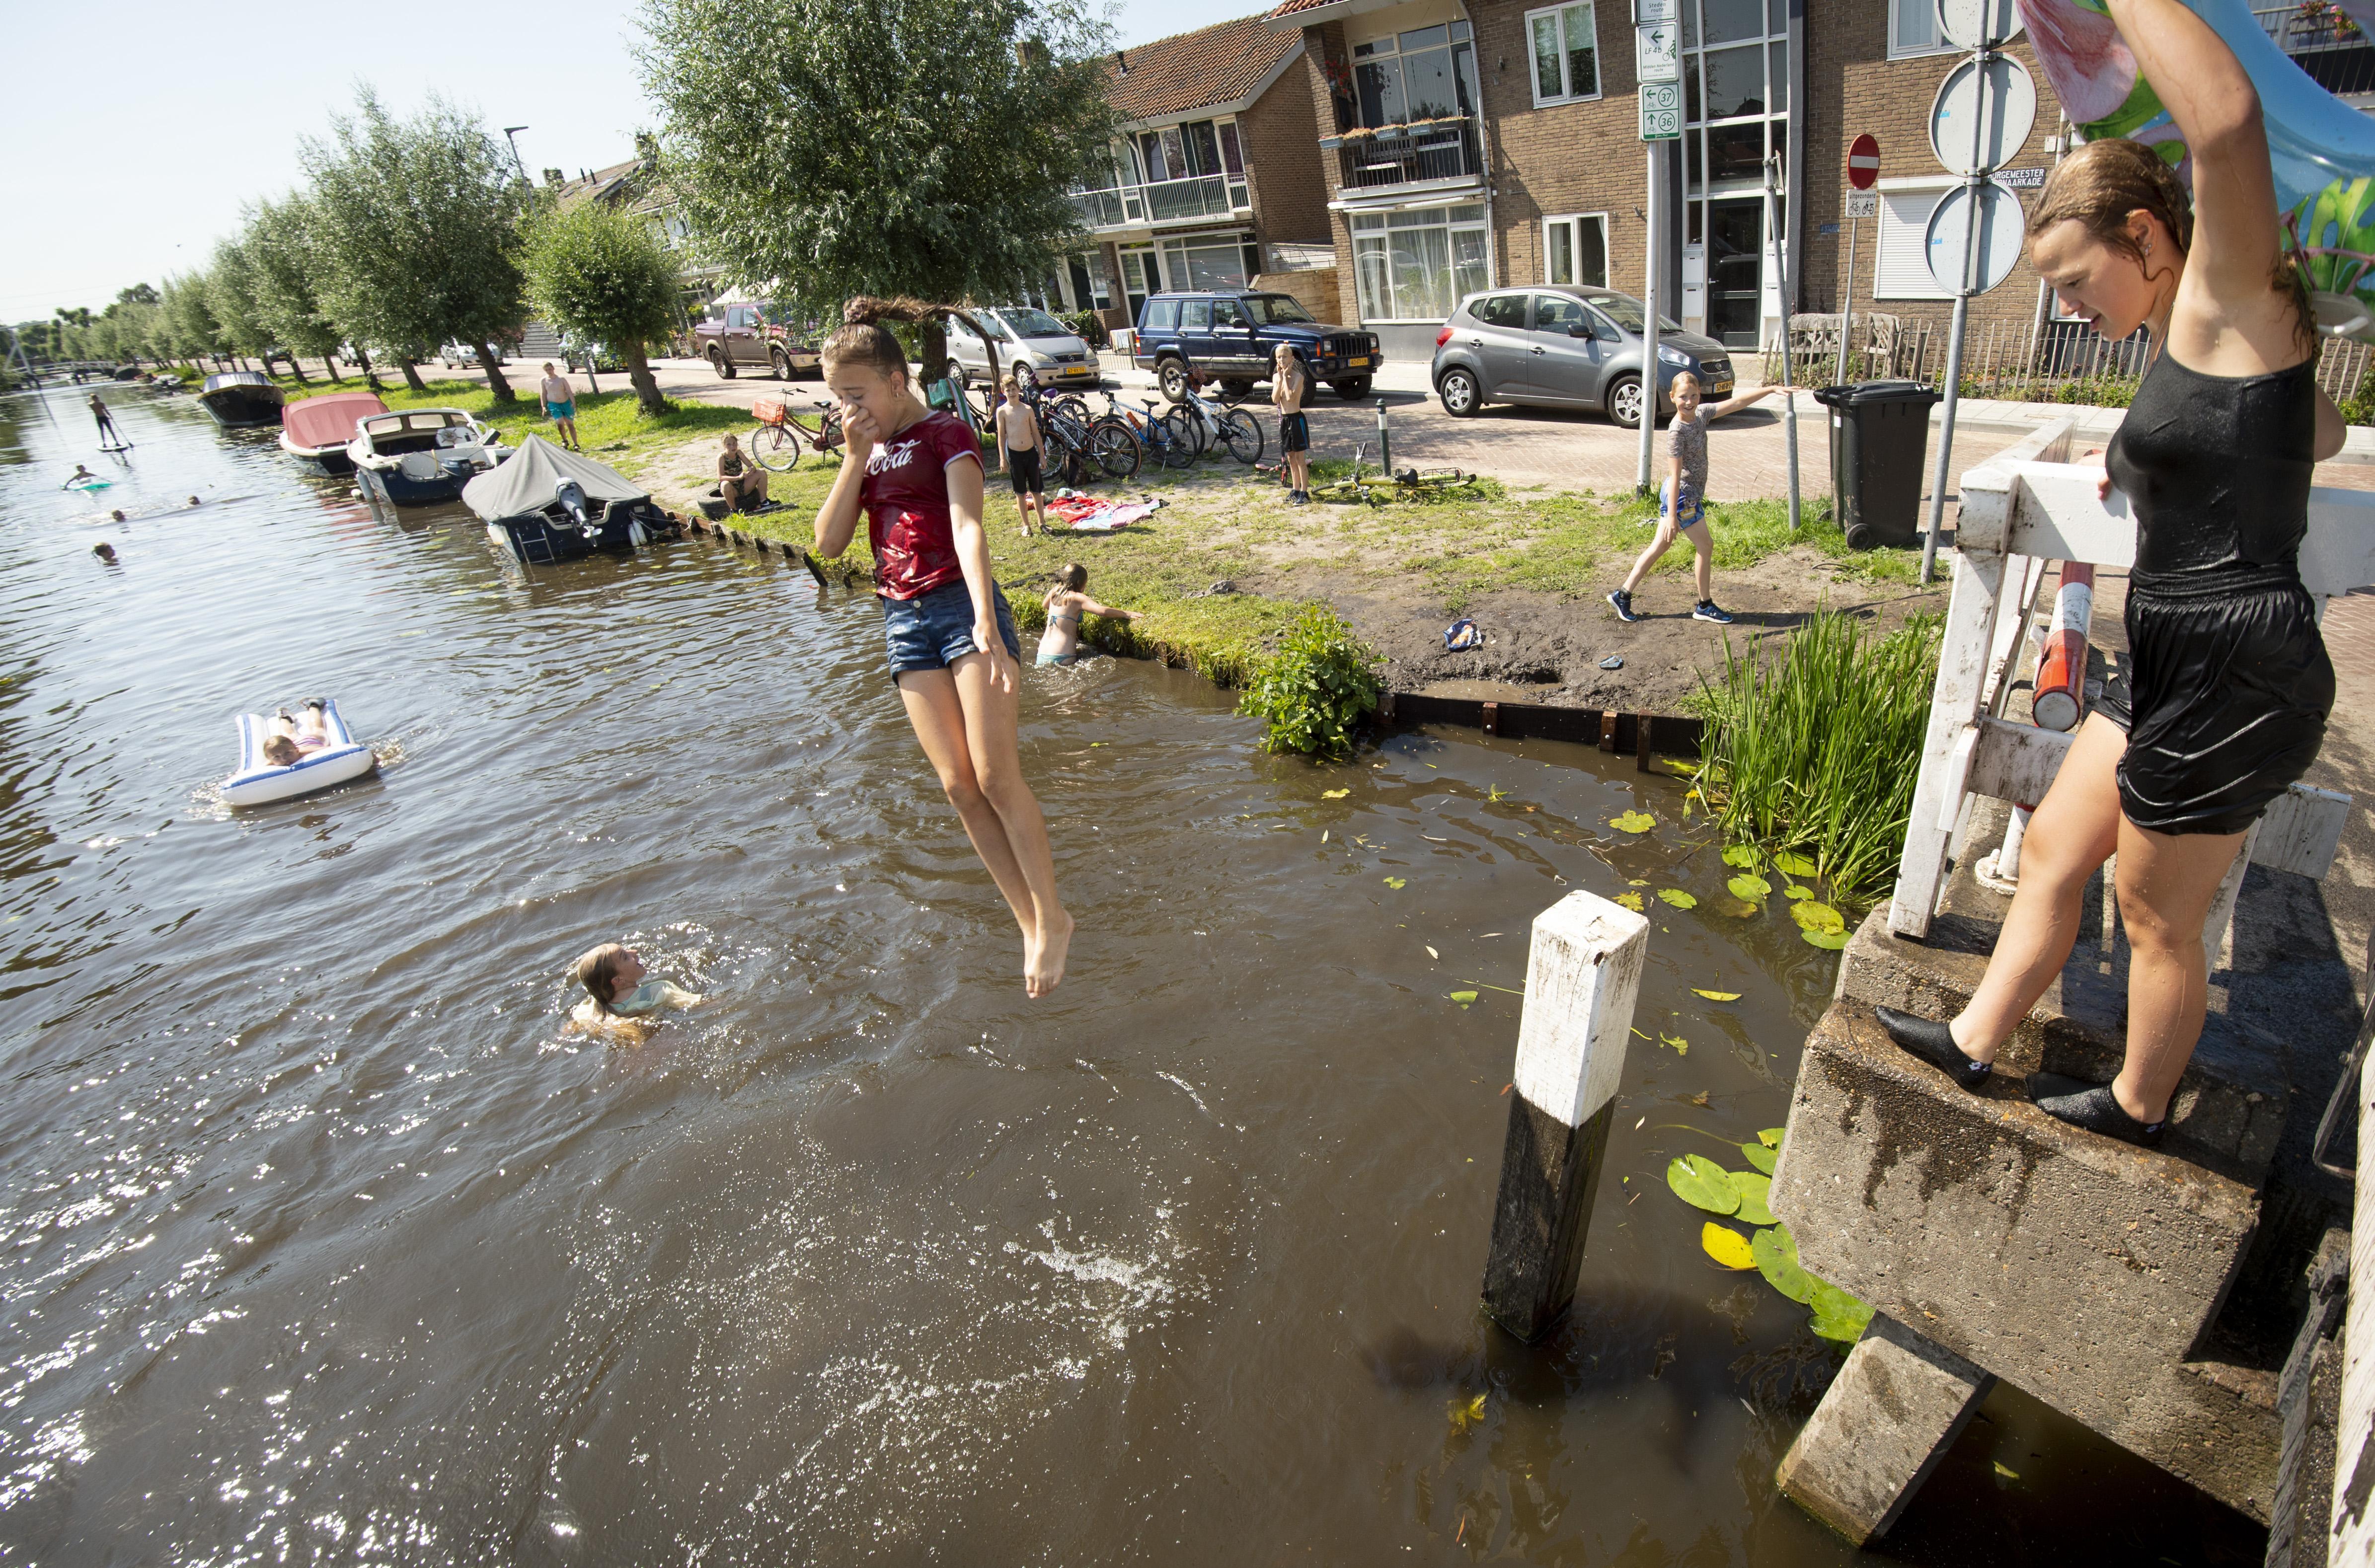 Zwembaden dicht in Rijnwoude: dan maar zwemmen in de sloot of Oude Rijn